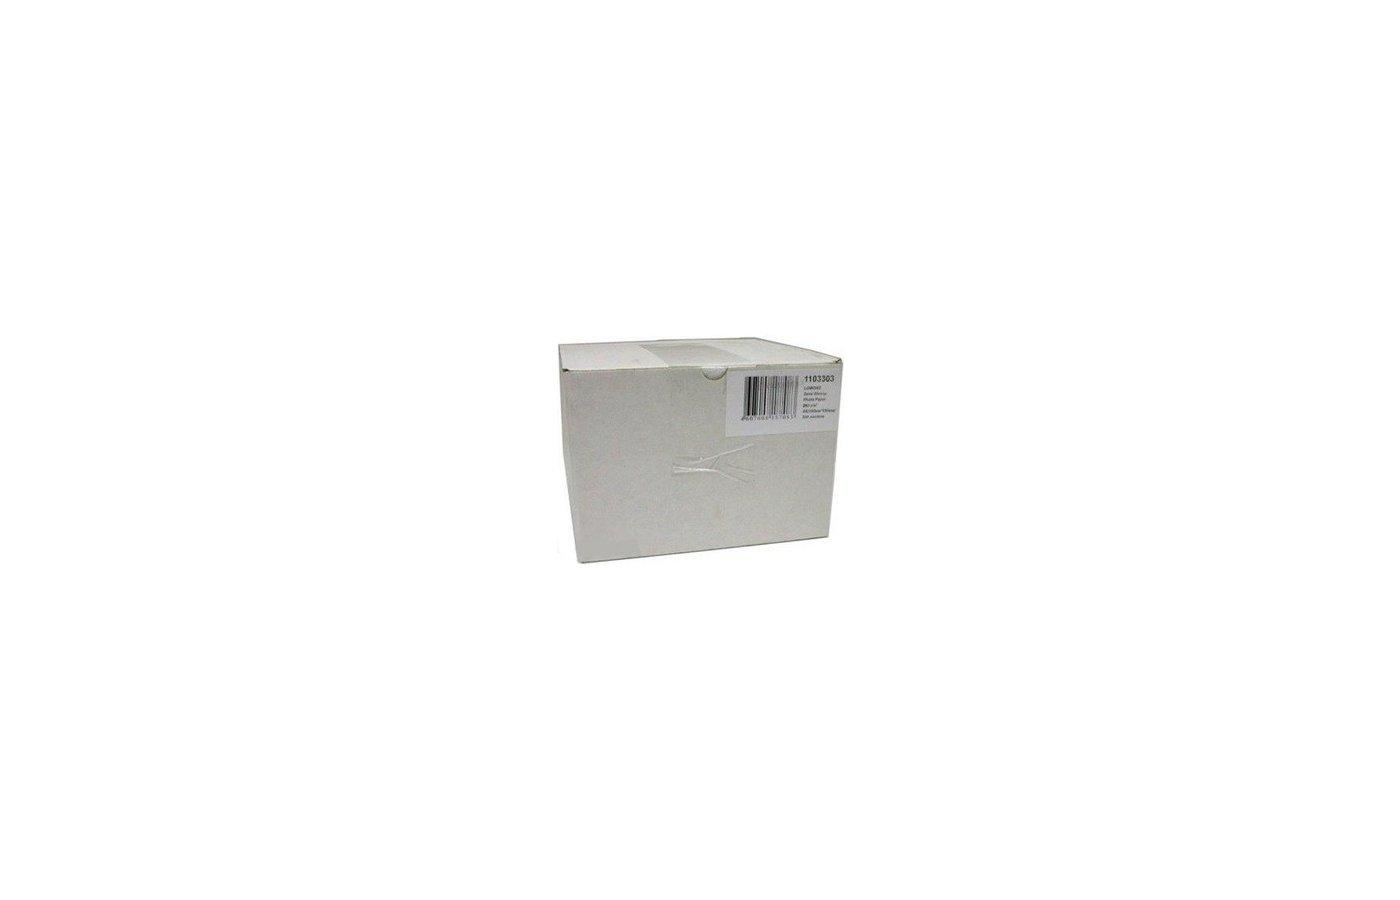 Фотобумага Lomond 1103105 10x15см/260г/м2/500л. высокоглянцевая для струйной печати ярко-белая